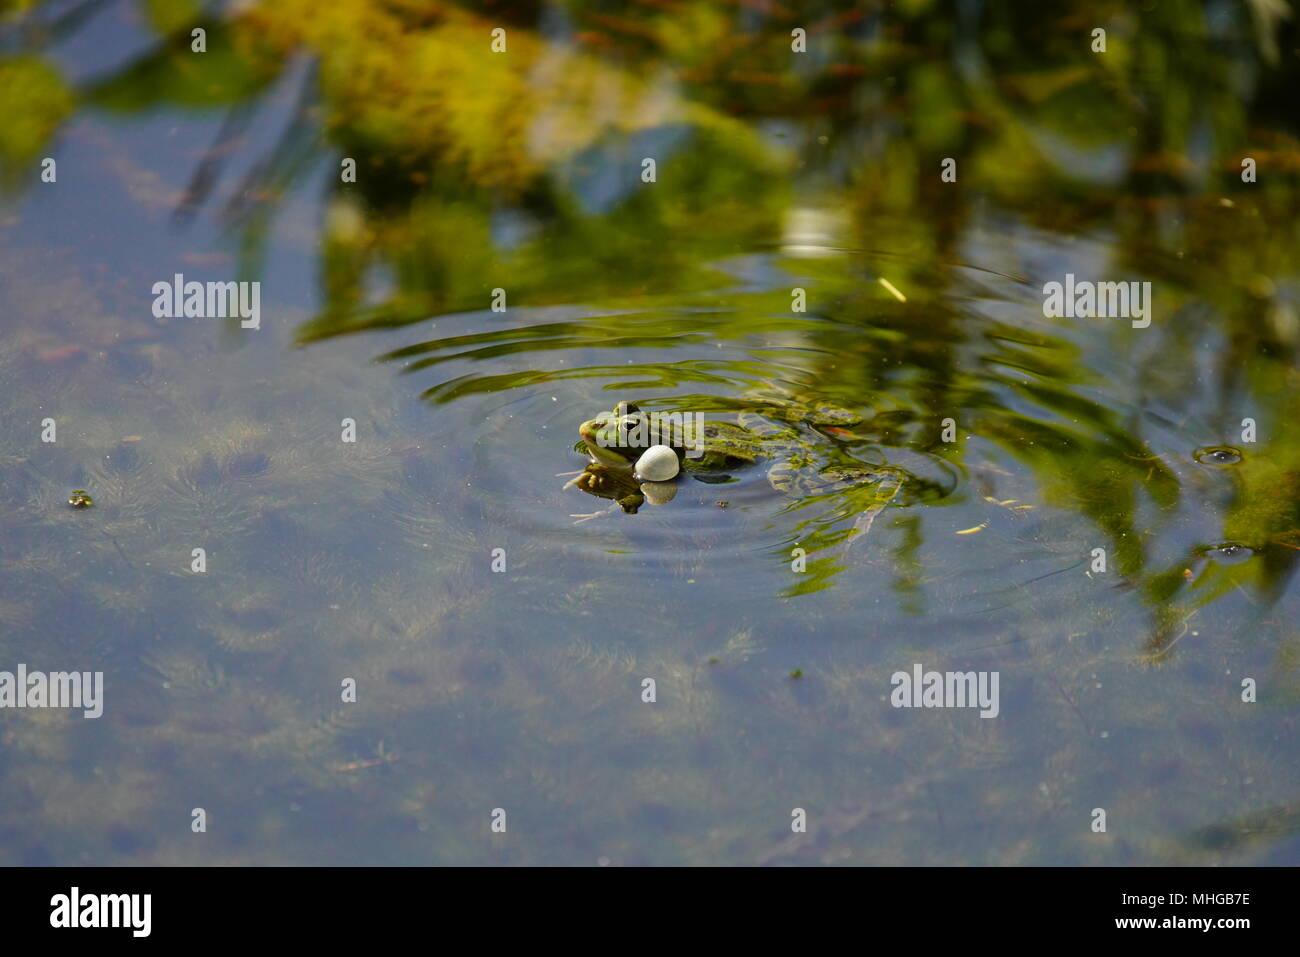 Edible frog (Pelophylax kl. esculentus), Lange Erlen, Switzerland. - Stock Image